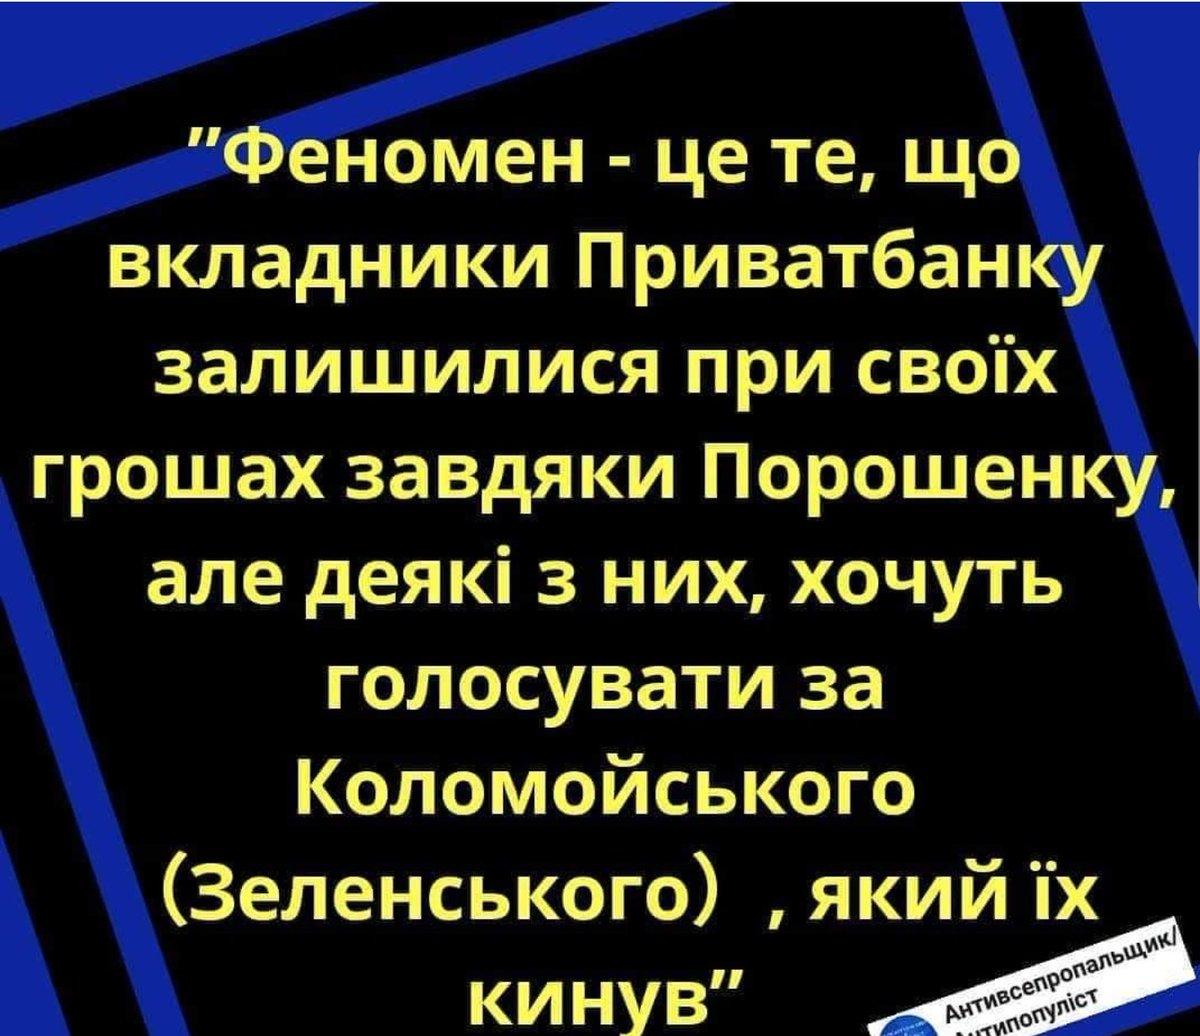 КС по иску завода Коломойского может лишить НАБУ права разрывать незаконные договора и возвращать украденные деньги в бюджет, - журналист Седлецкая - Цензор.НЕТ 1469